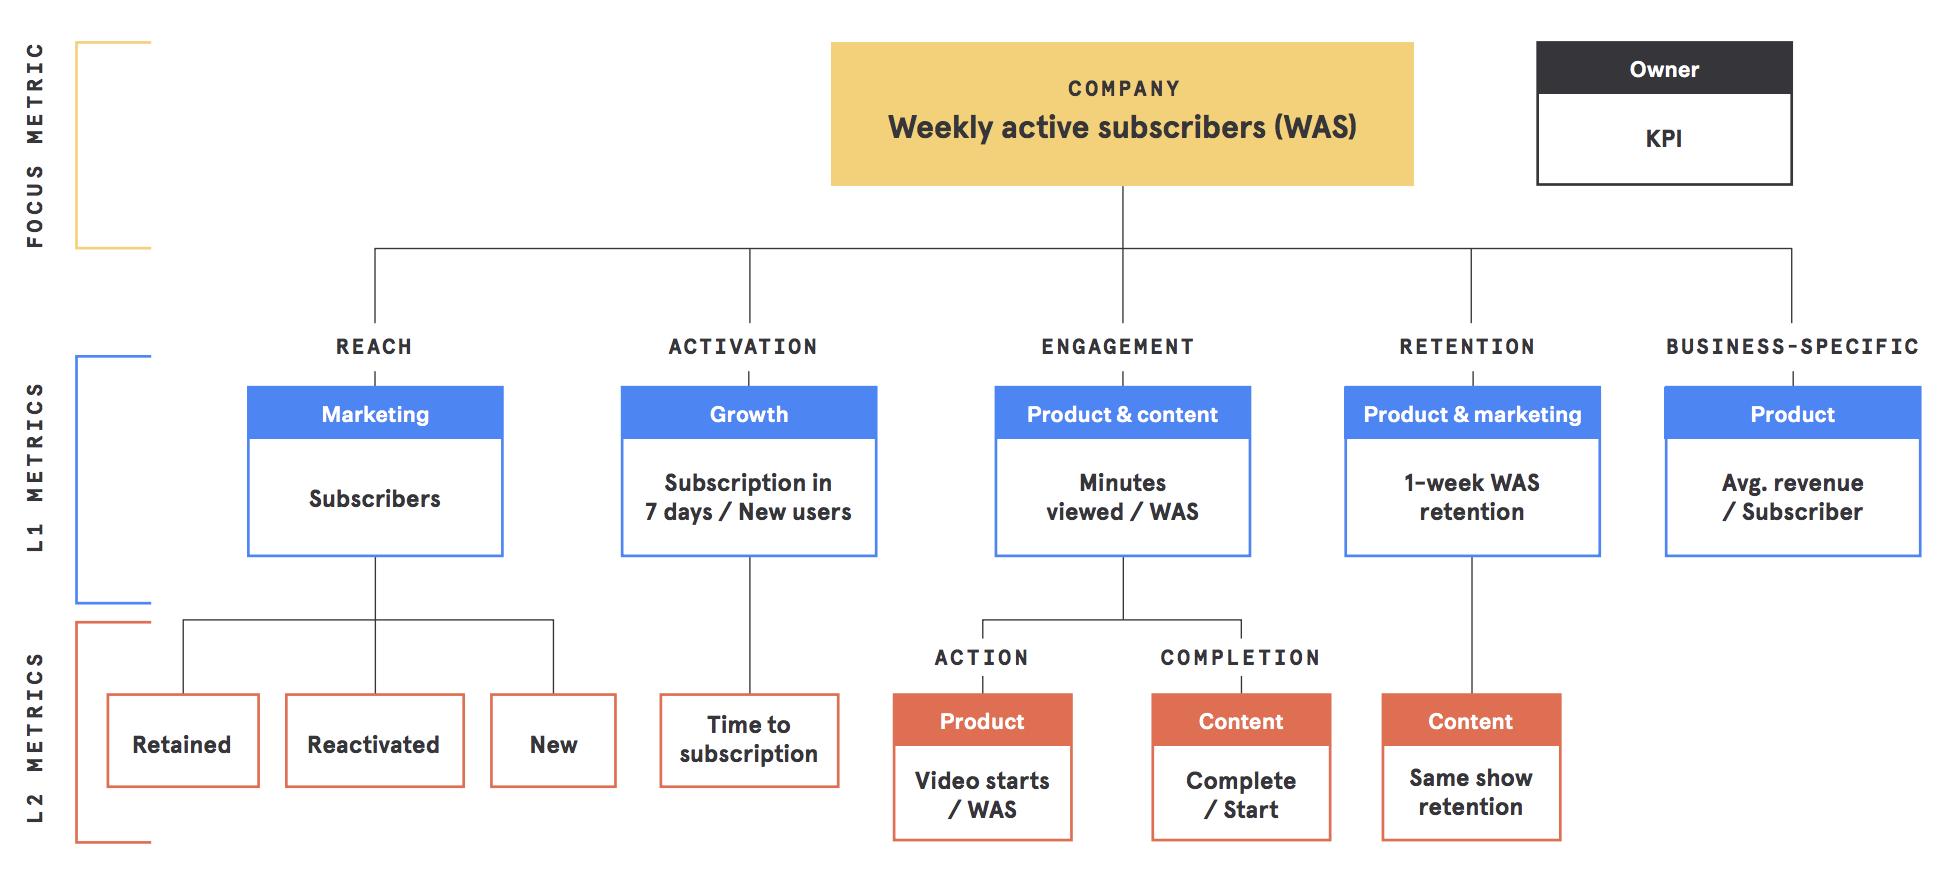 Пример KPI для продукта потокового видео на основе подписки